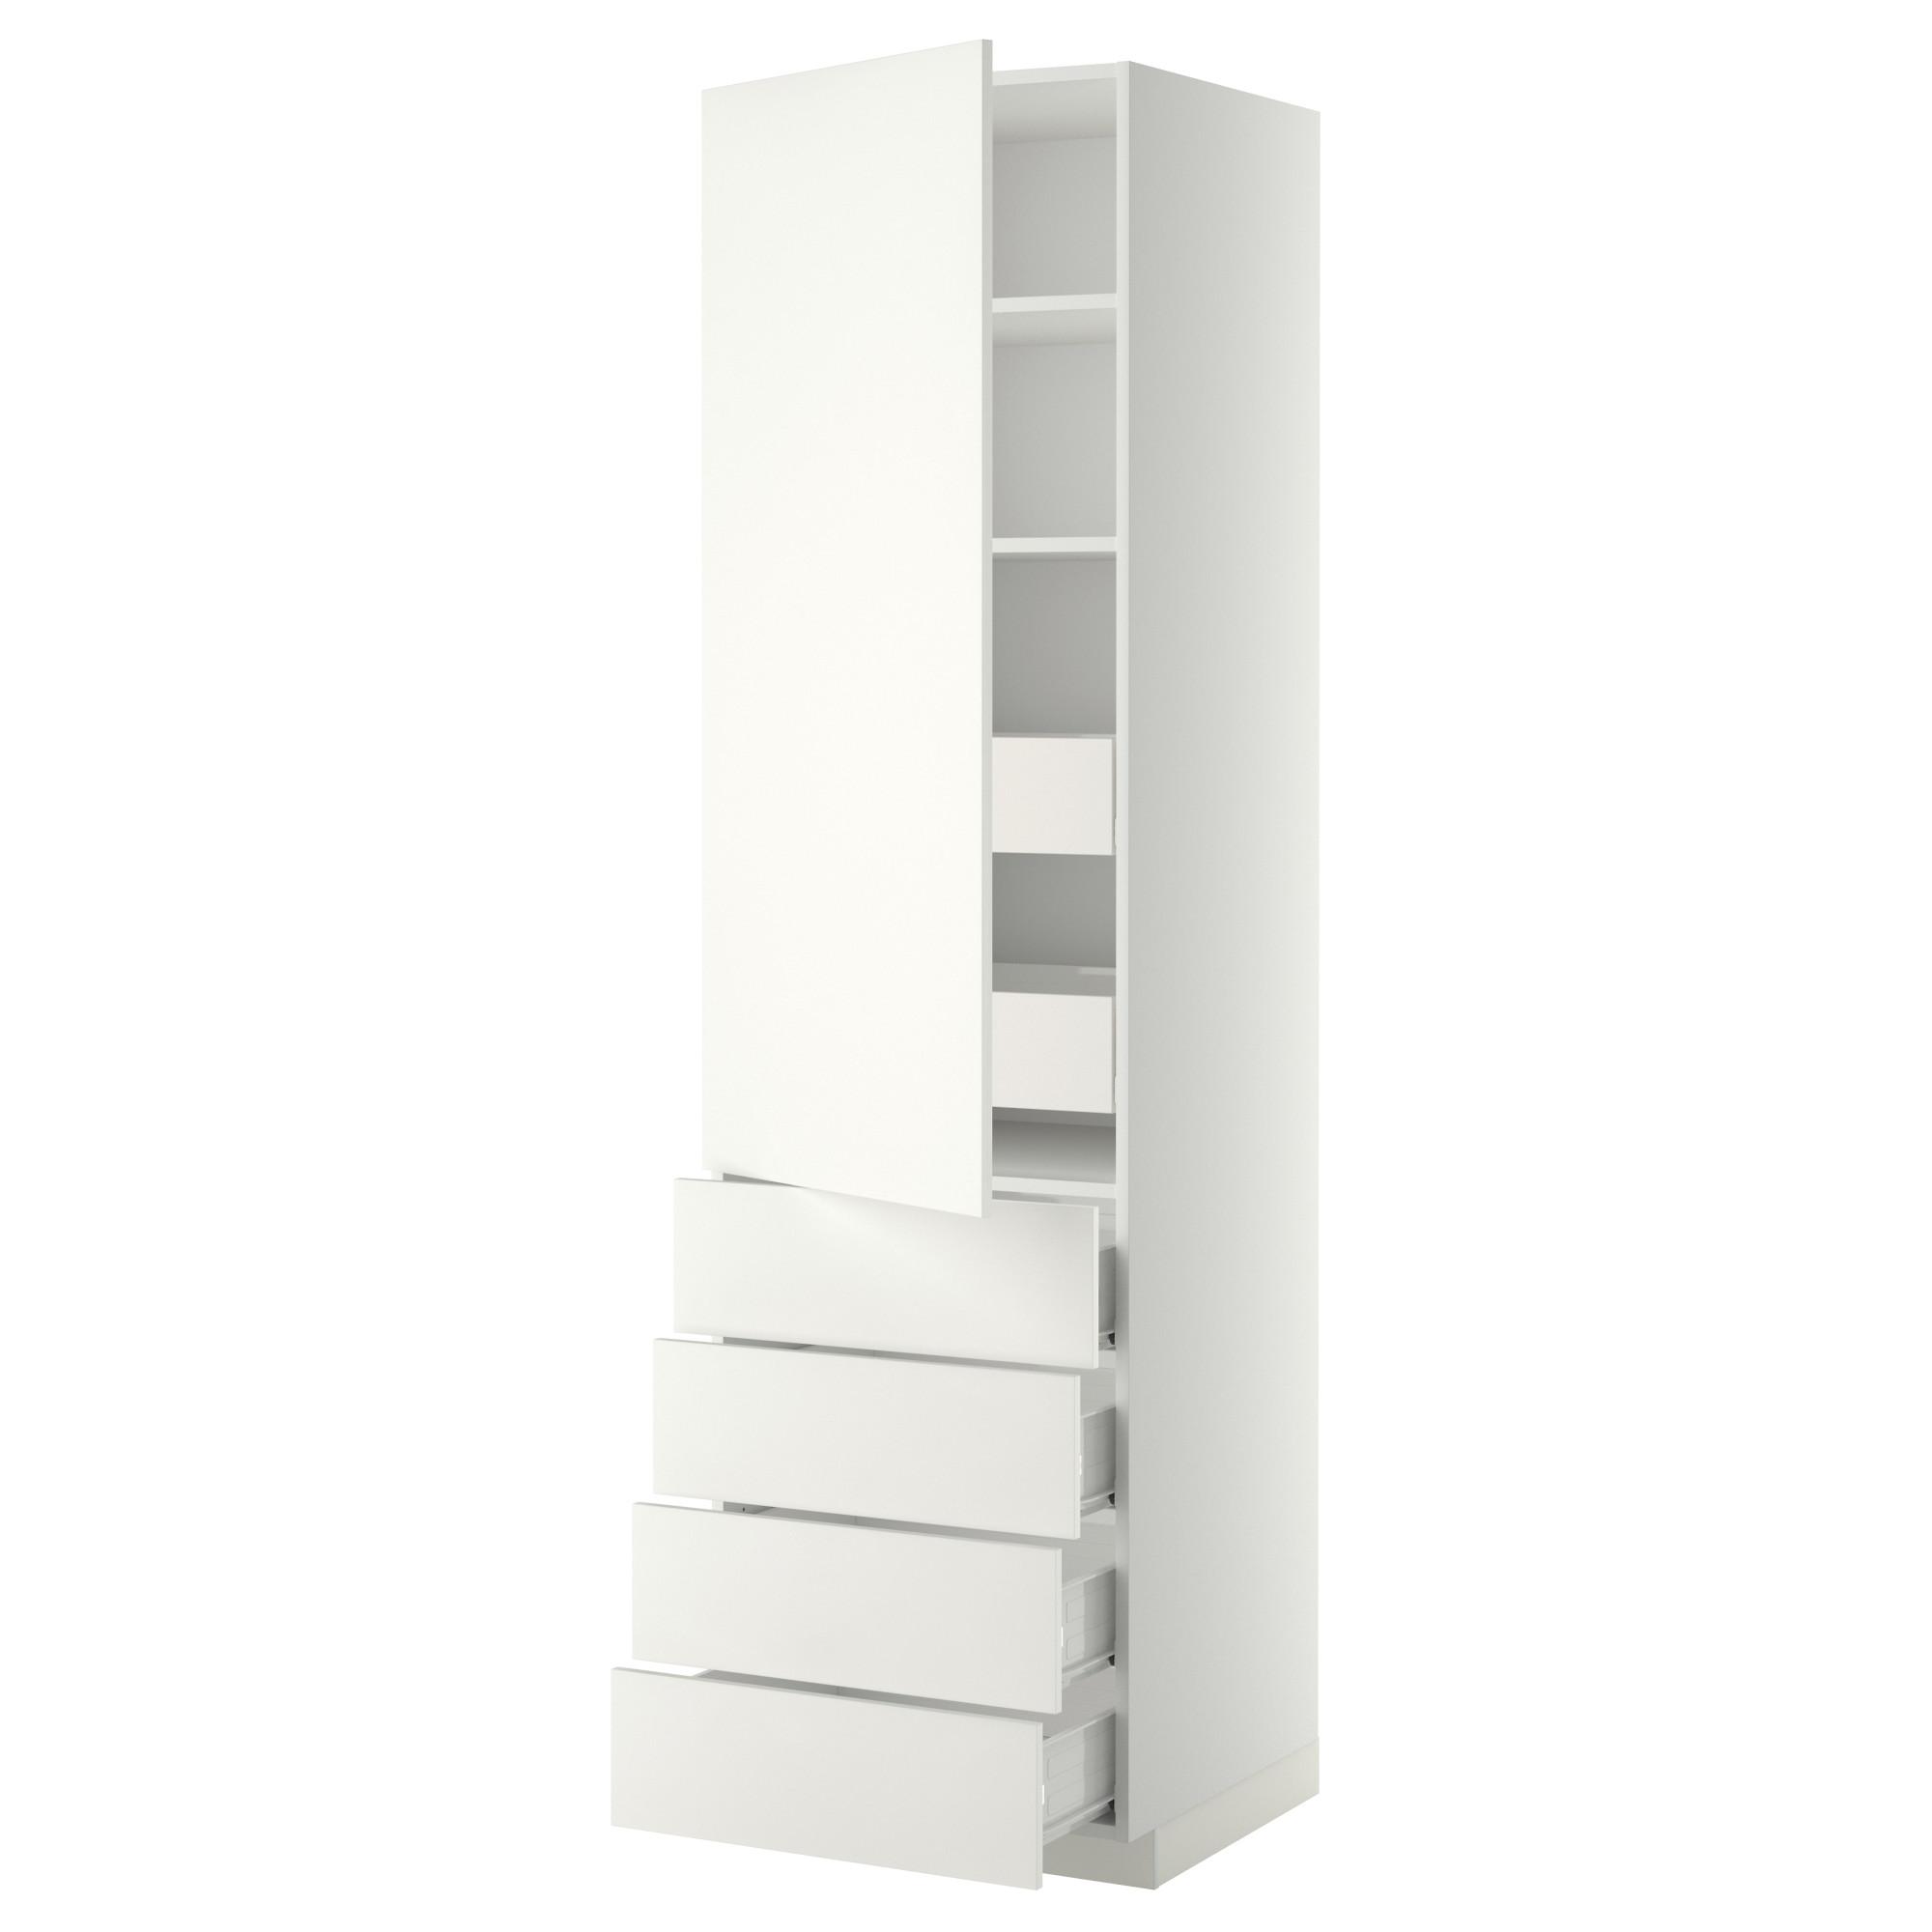 Высокий шкаф с полками/6 ящик, дверцами, 4 фронтальные панели МЕТОД / ФОРВАРА белый артикуль № 192.620.87 в наличии. Онлайн каталог IKEA РБ. Недорогая доставка и соборка.